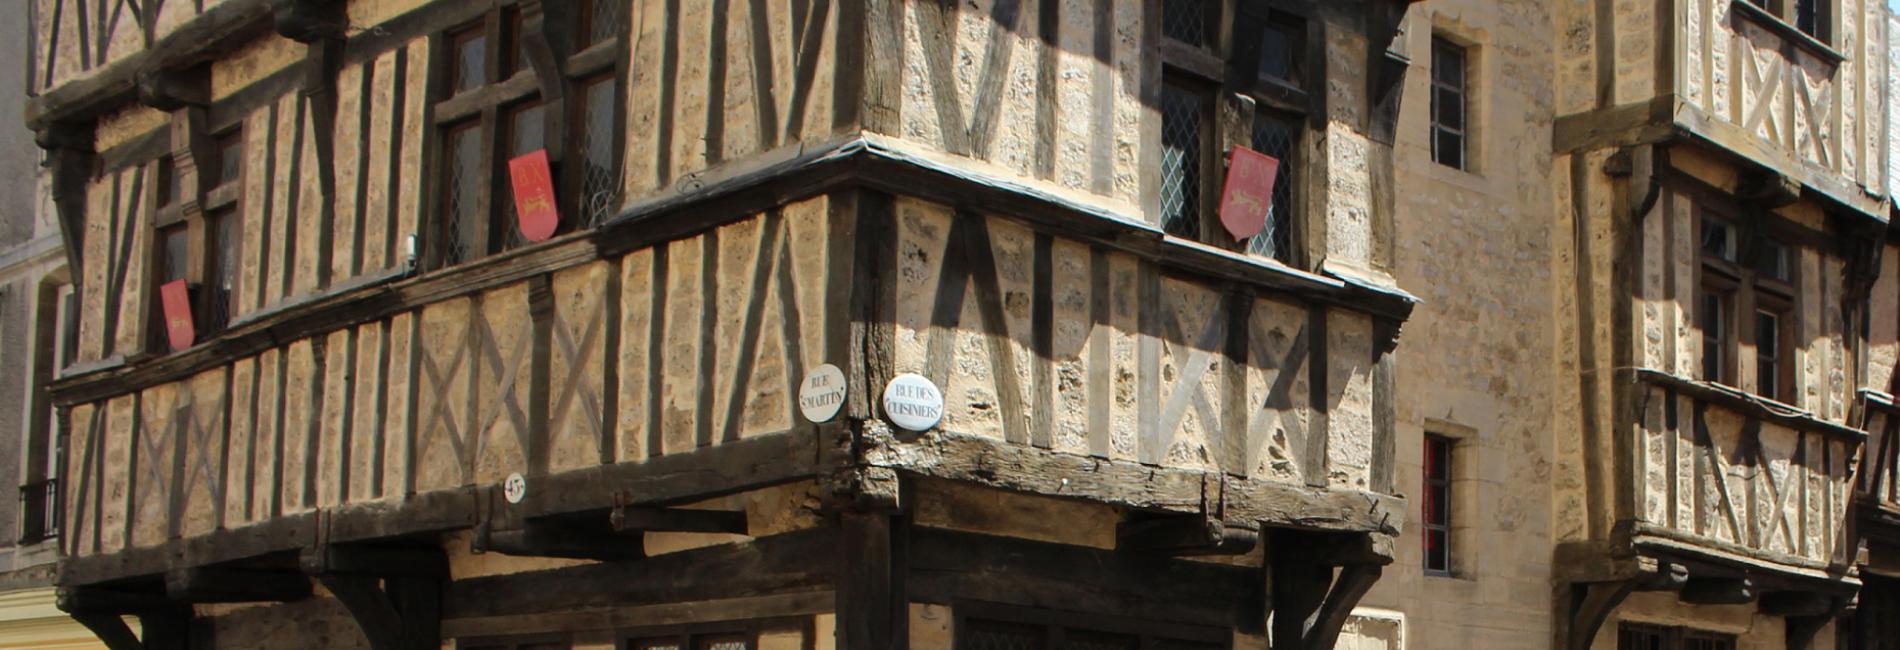 Bayeux Banner